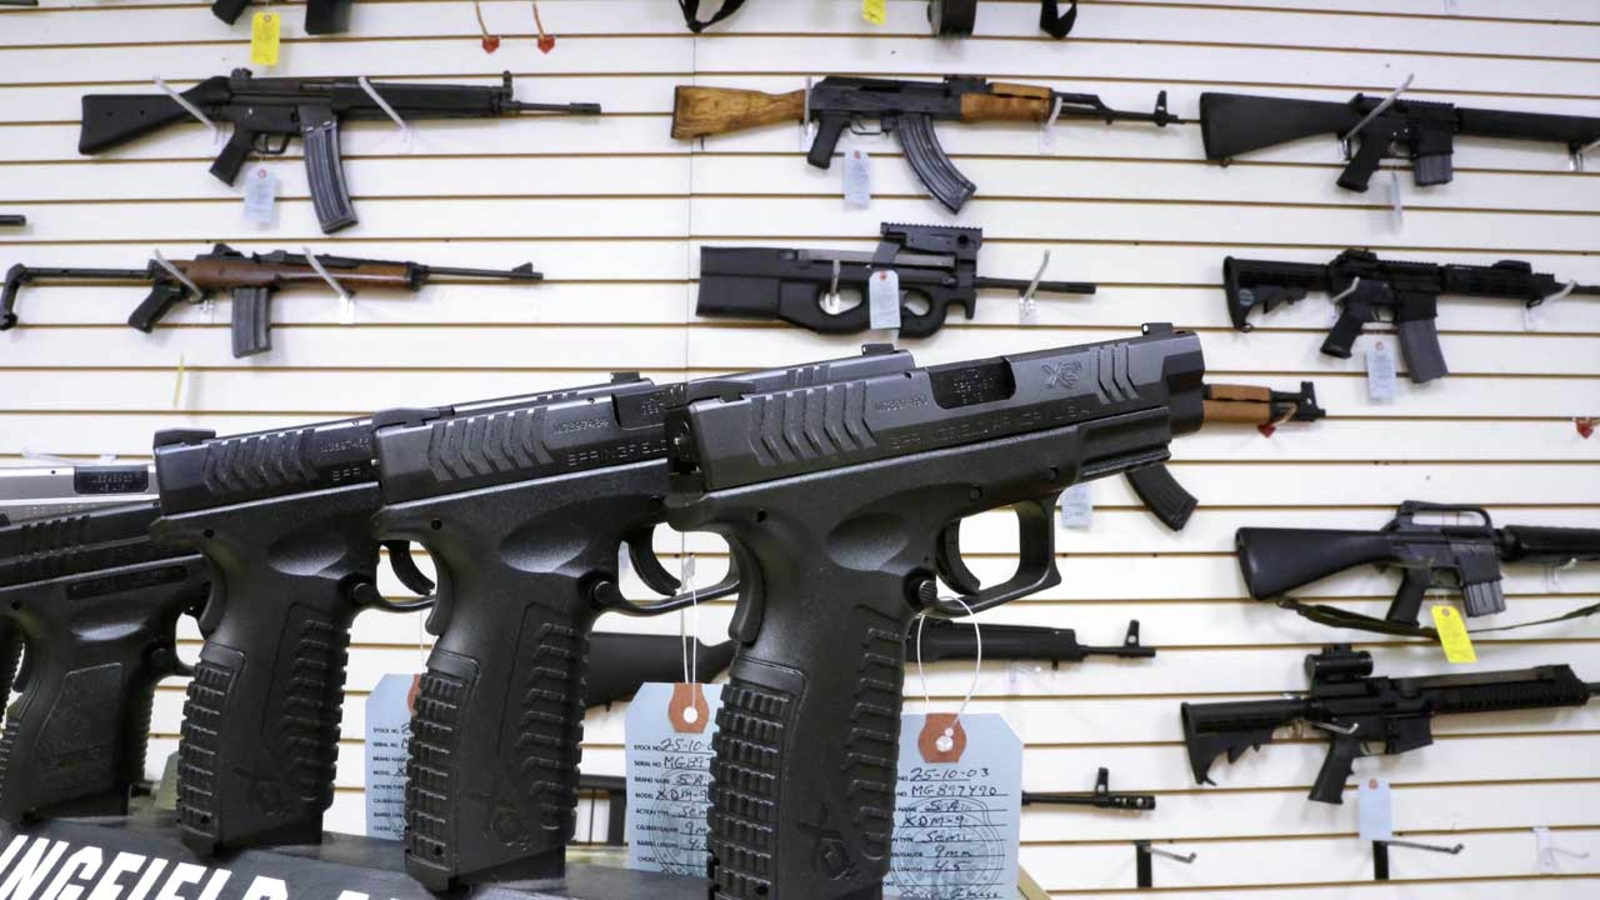 司法部出台新措施打击枪支贩运问题